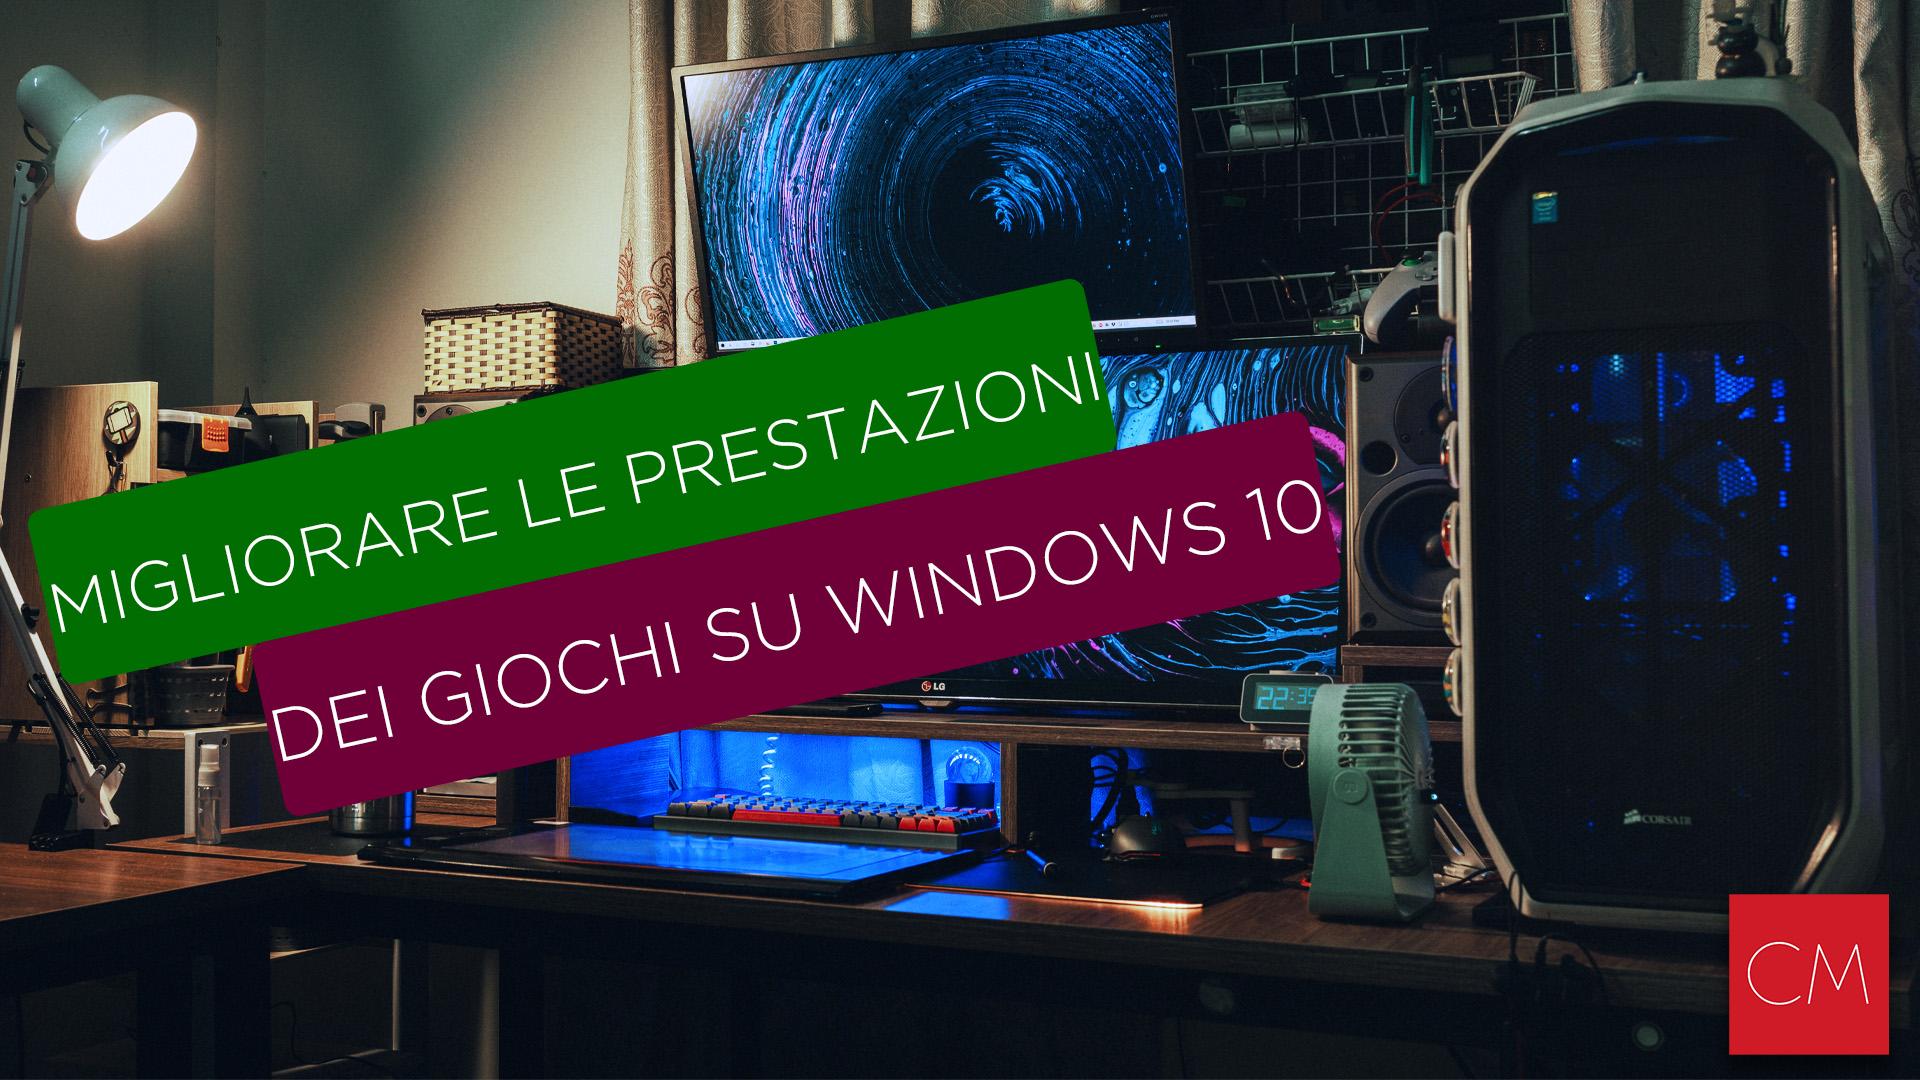 Ridurre la latenza e migliorare le prestazioni dei giochi su Windows 10